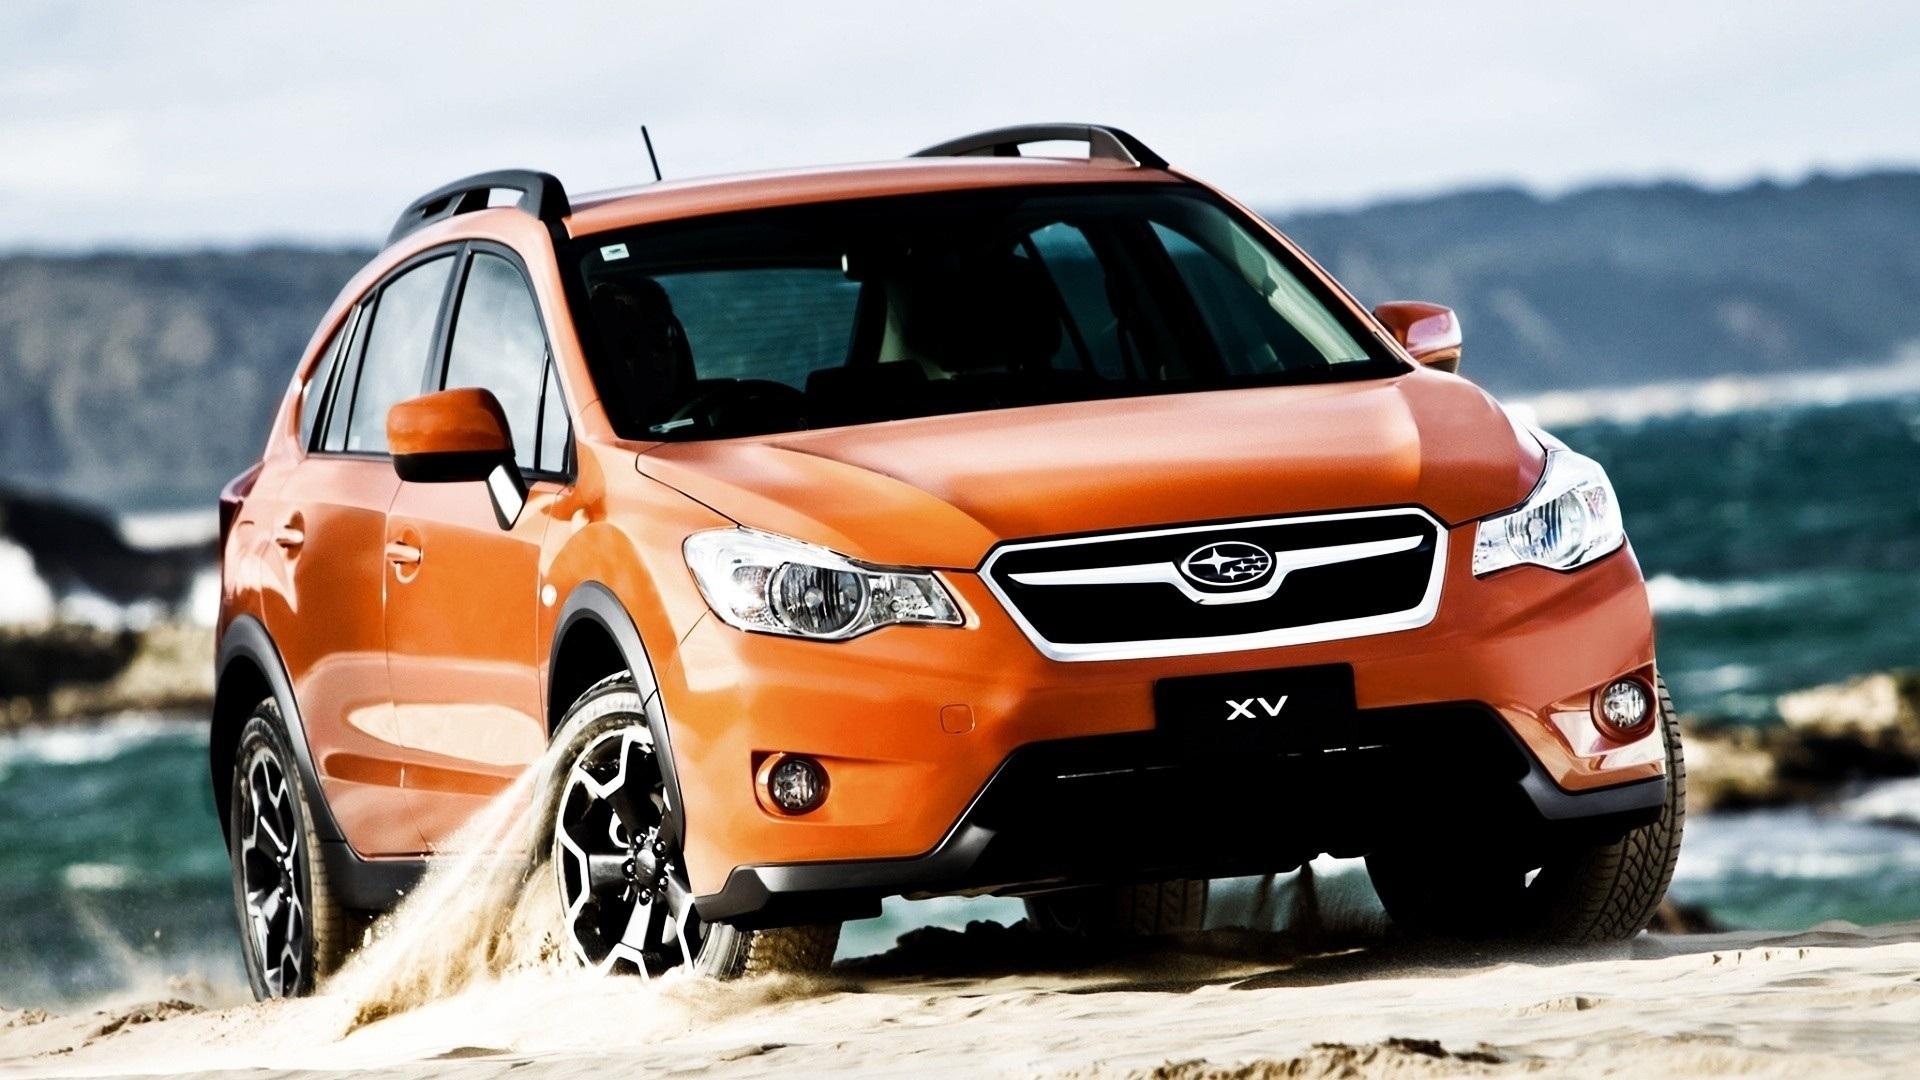 最近想更换一辆SUV,看中日产奇骏和富士XV,有何建议